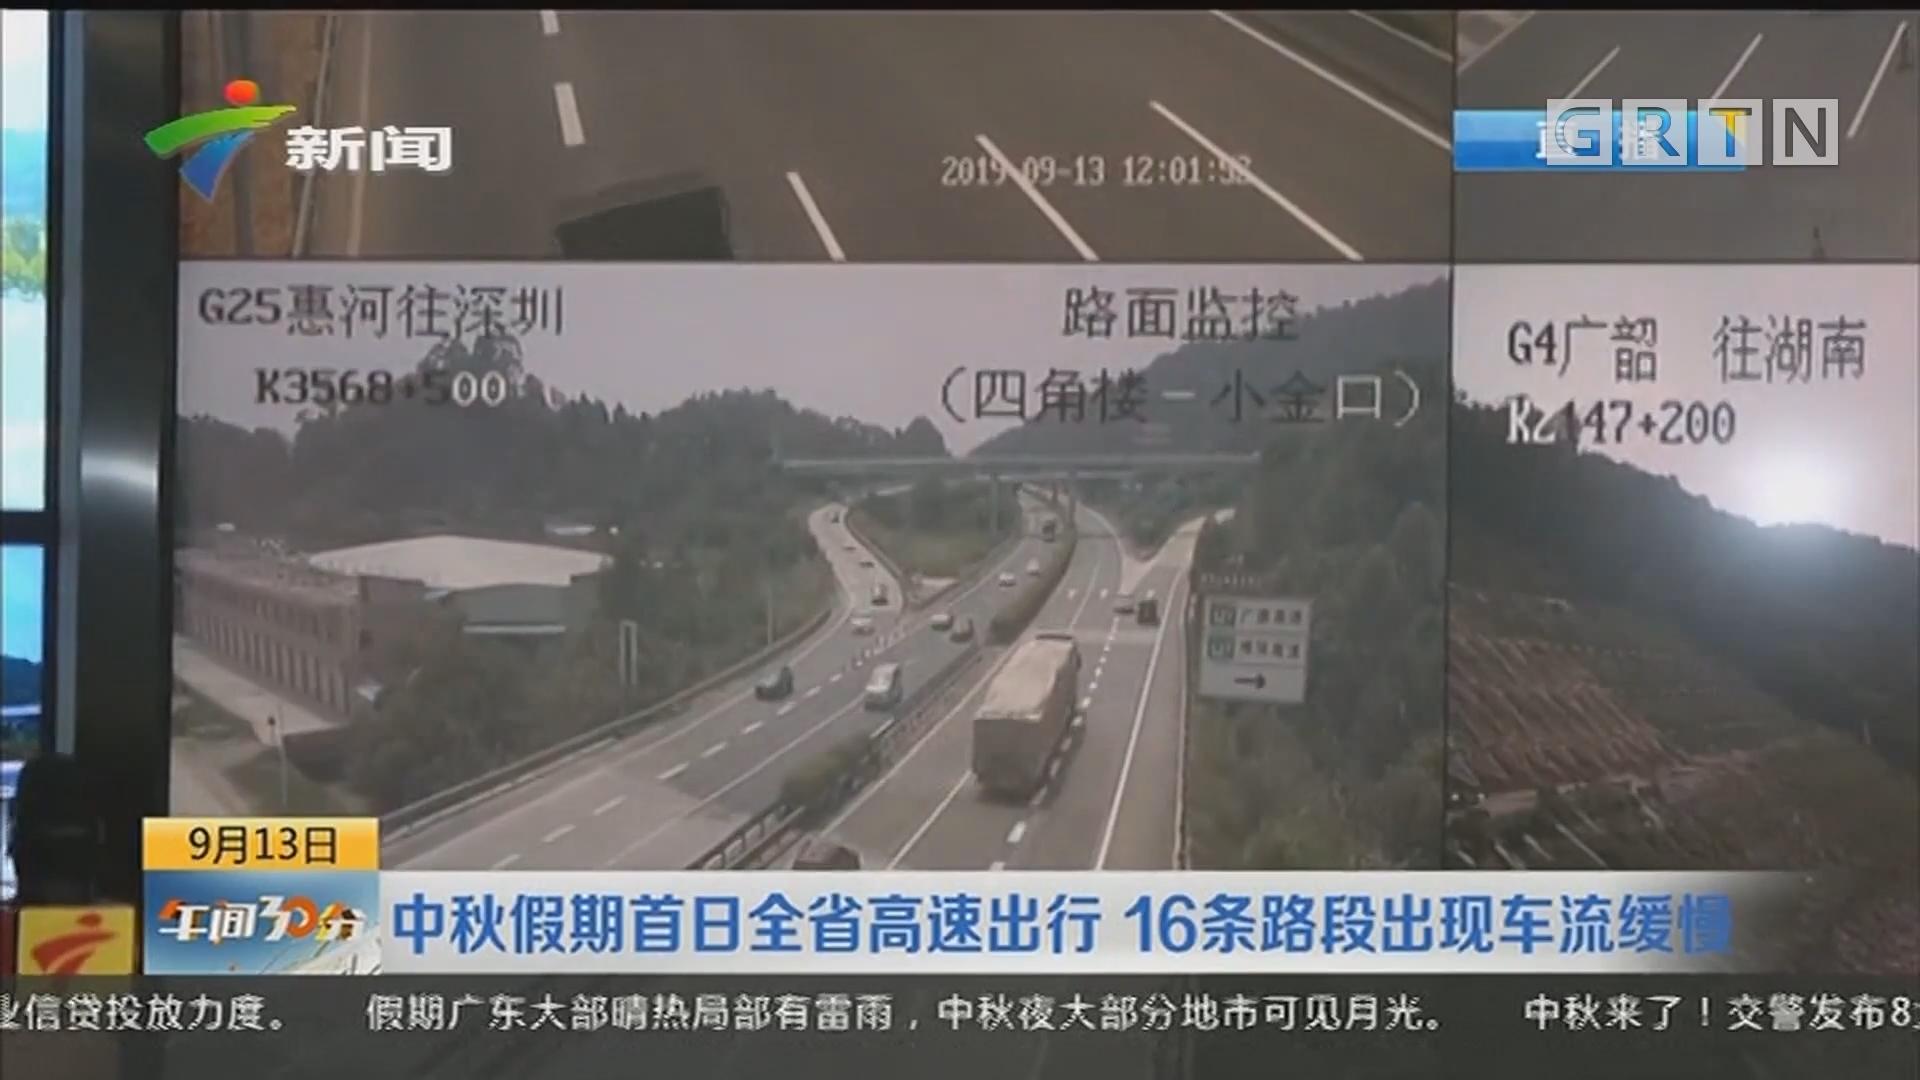 中秋假期首日全省高速出行 16条路段出现车流缓慢